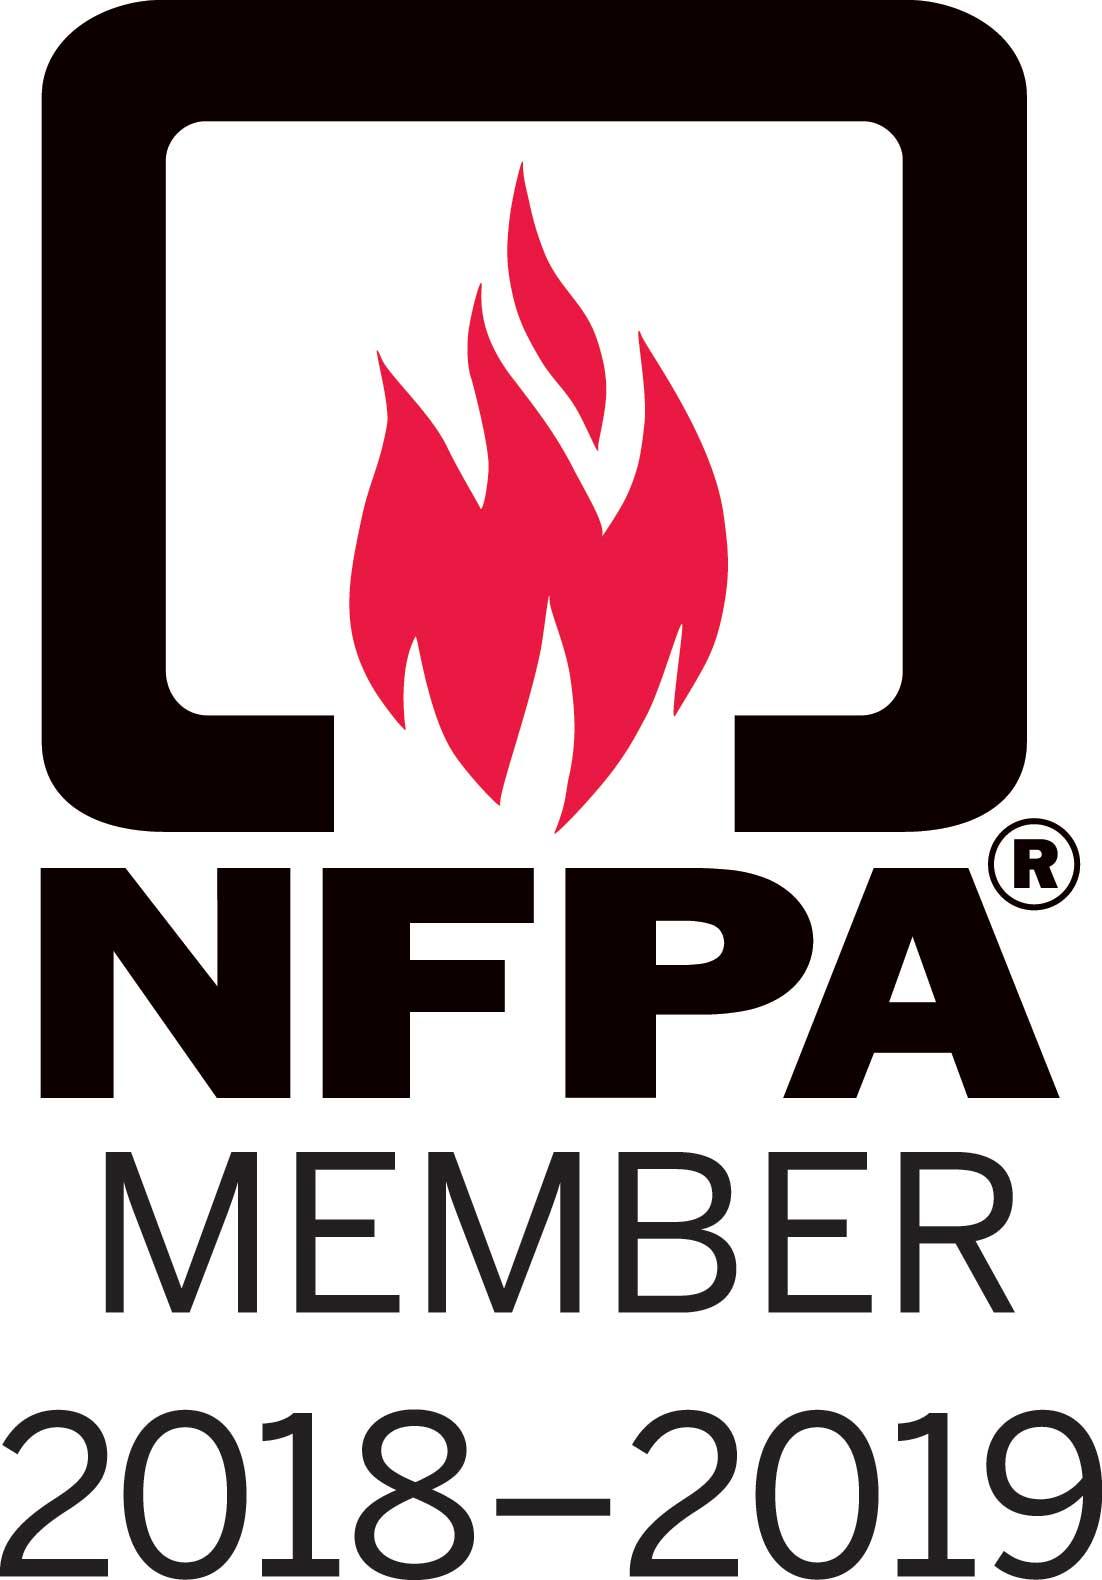 NFPA-Member-logo-2018-2019